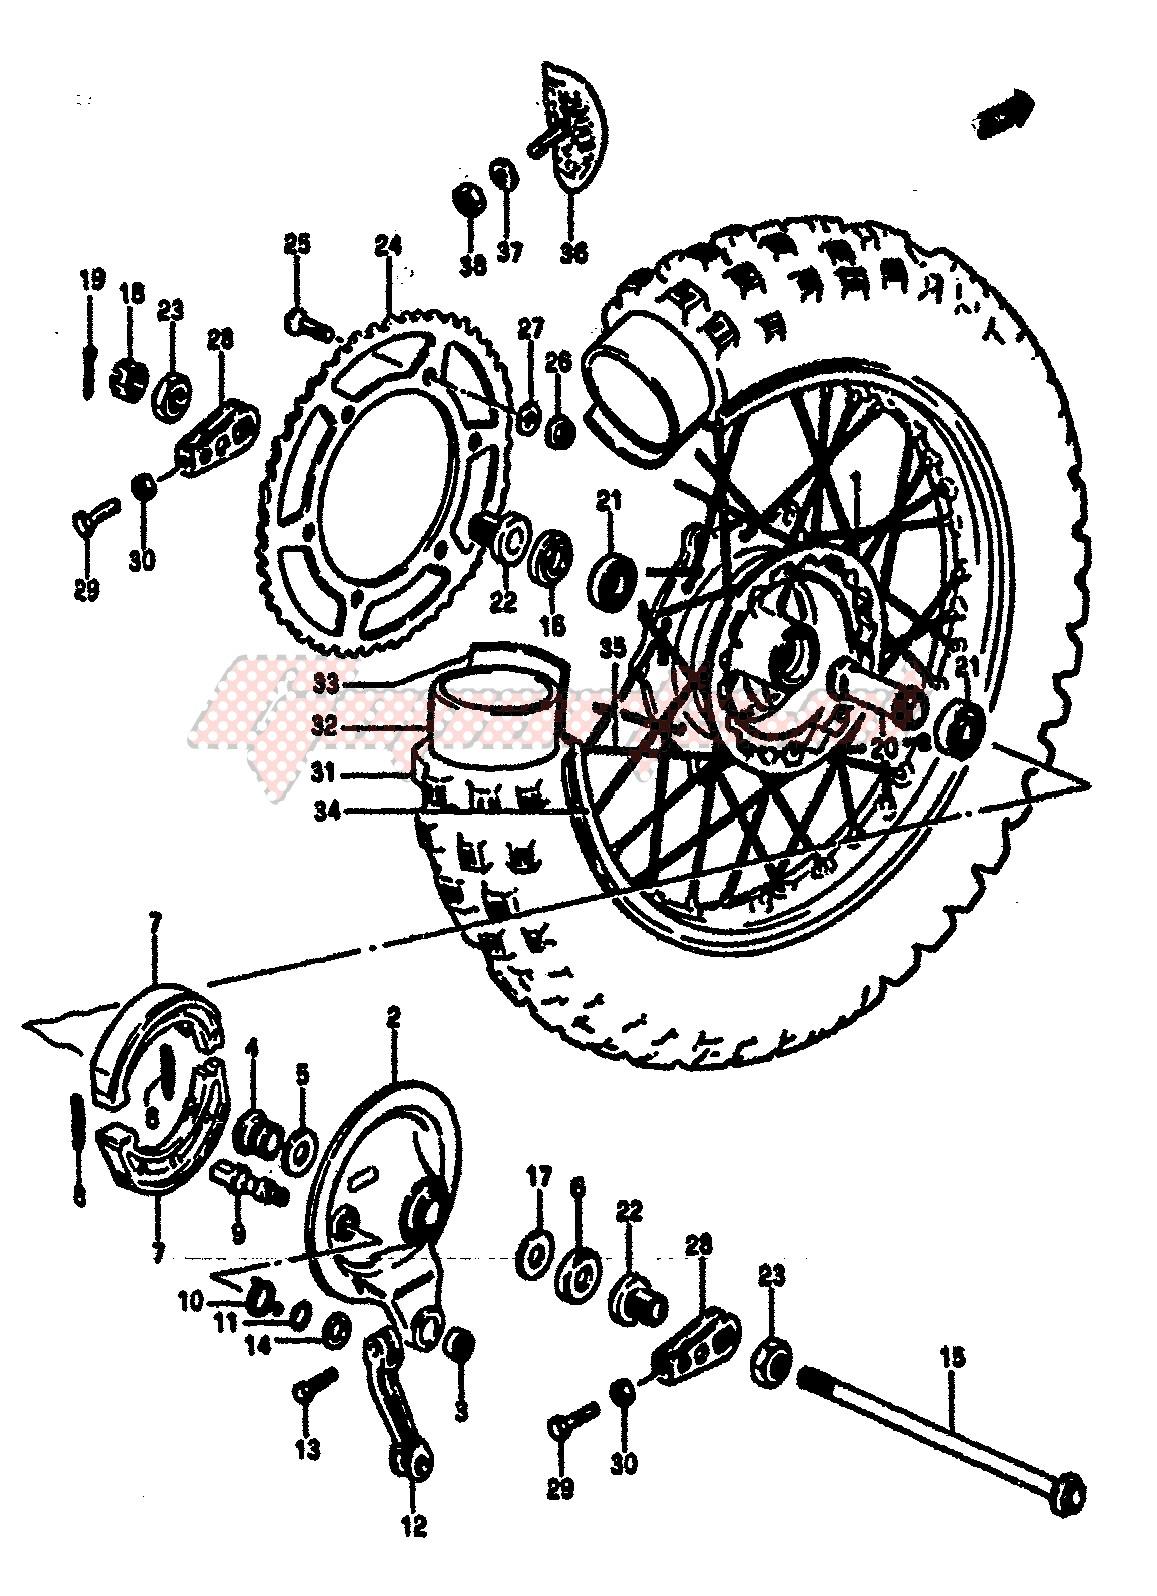 REAR WHEEL (MODEL F) image